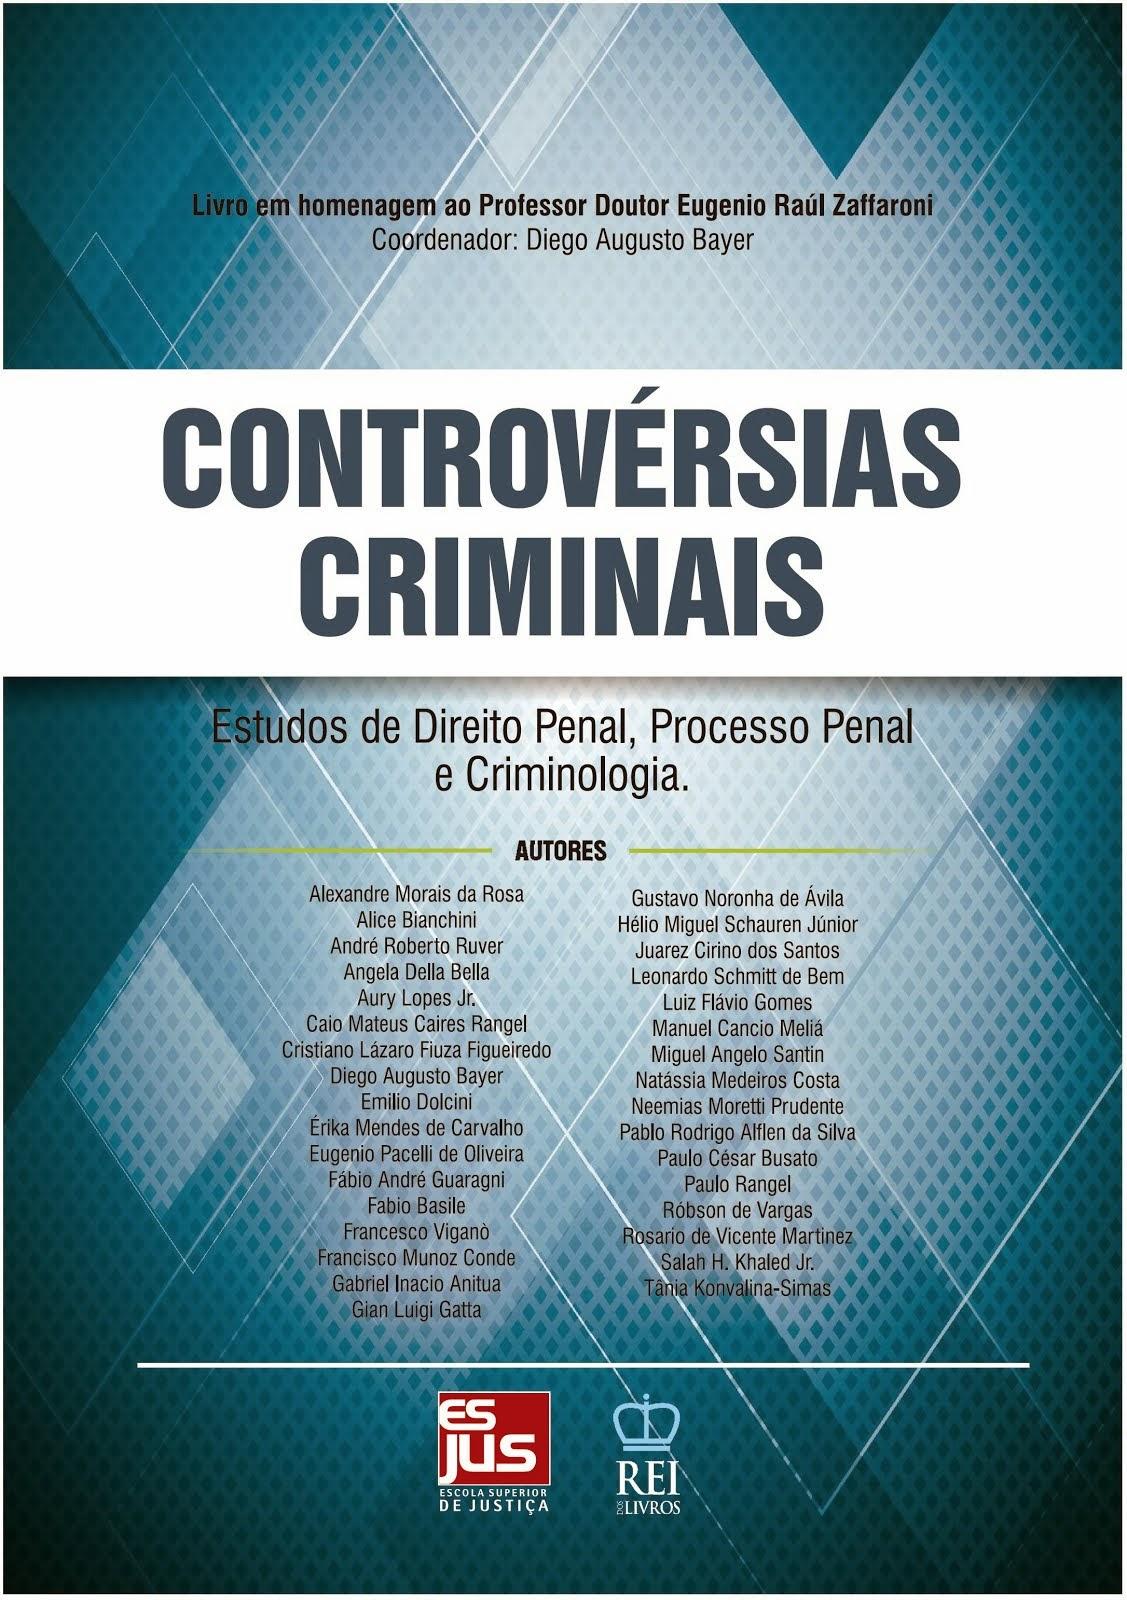 CONTROVÉRSIA CRIMINAIS: Estudos de Direito Penal, Processo Penal e Criminologia